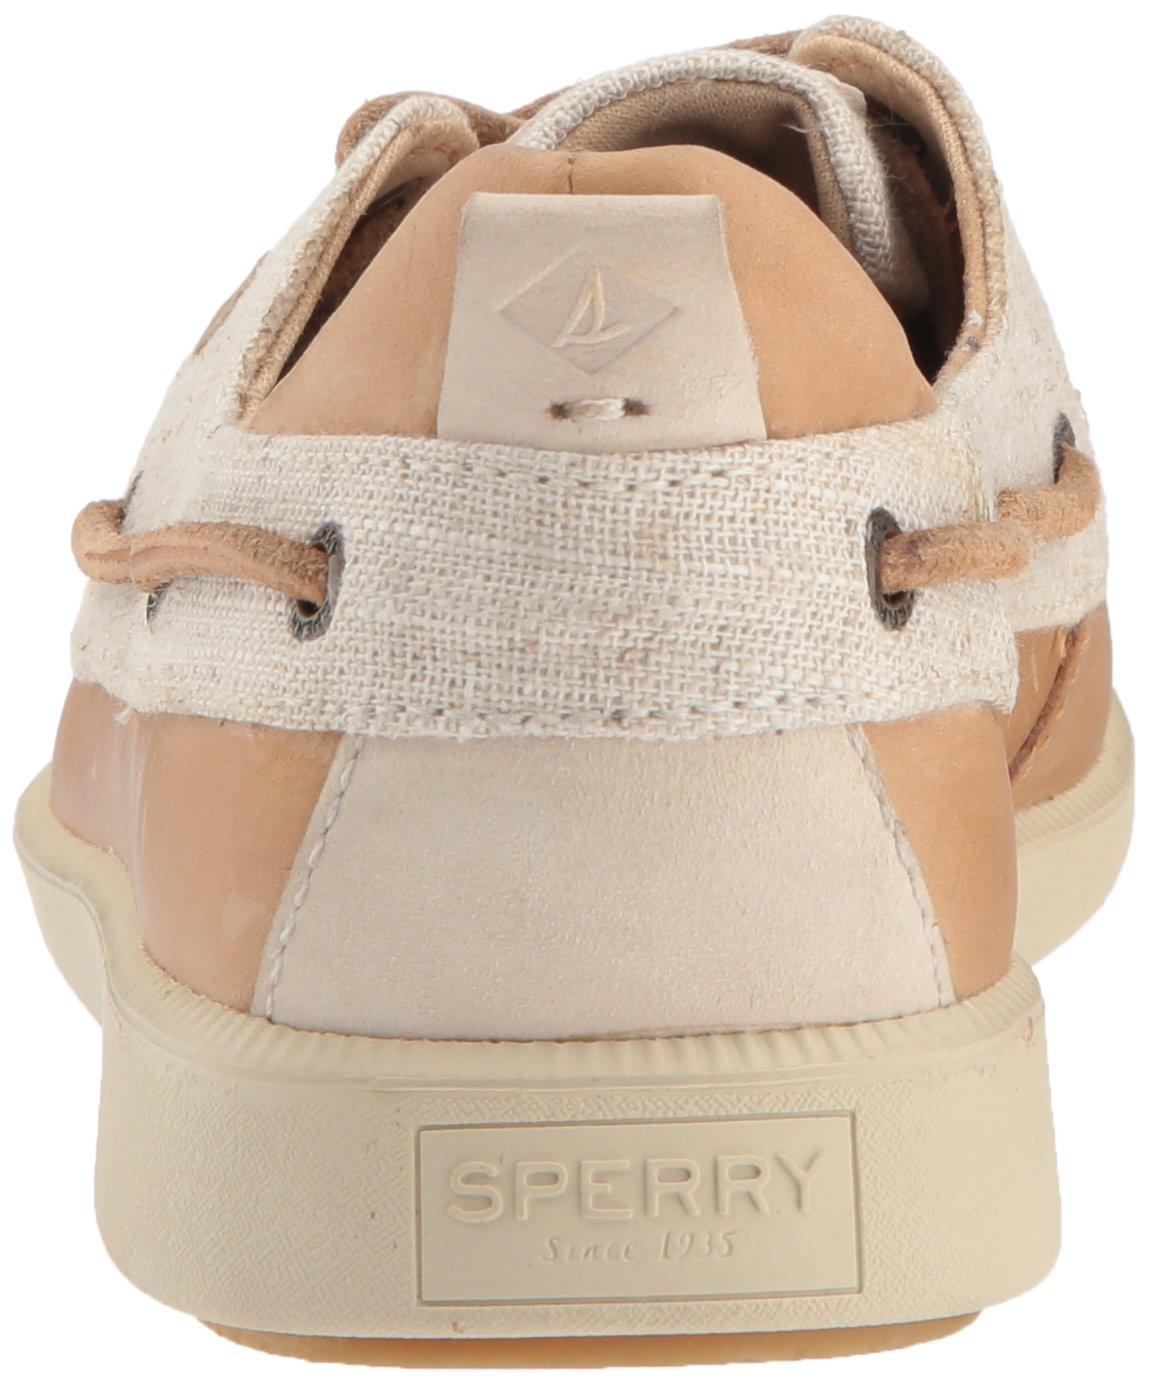 Sperry Womens Oasis Dock Metallic Boat Shoe